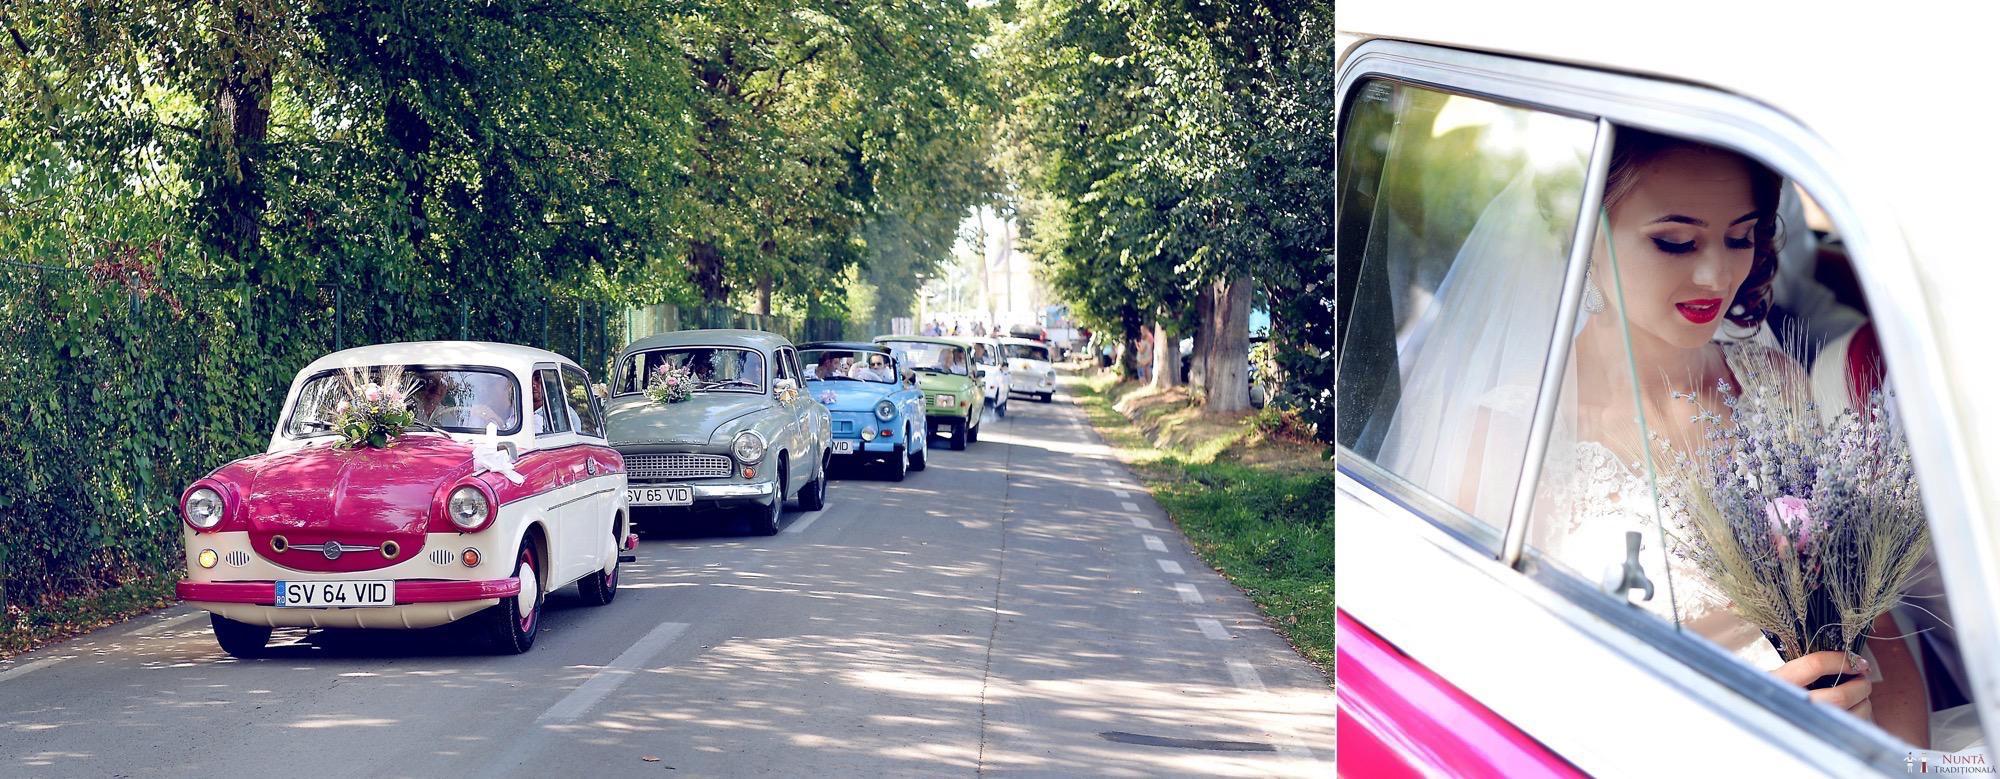 Povești Nunți Tradiționale - Iulia și Andrei. Nuntă tradițională în Bucovina. 60